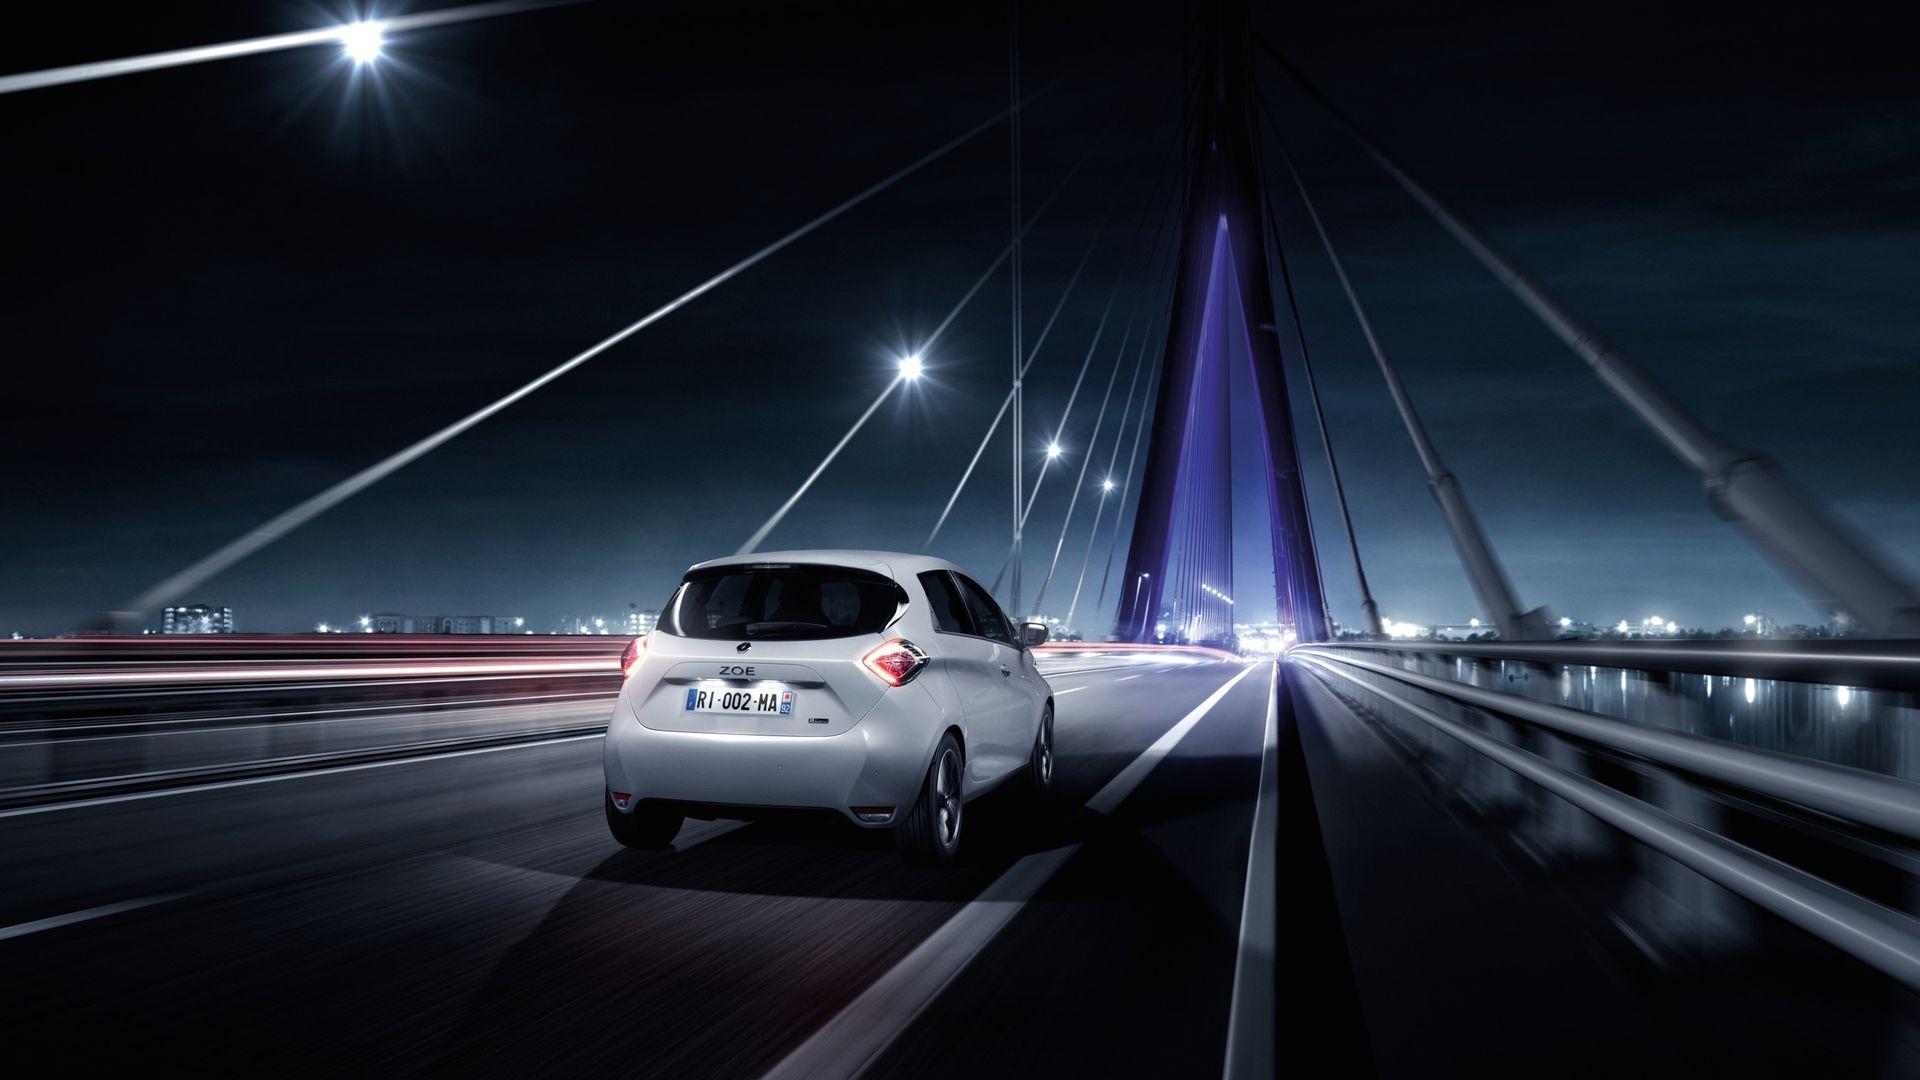 Groupe Renault присоединилась к проекту по развитию инфраструктуры мощных зарядных станций E-via Flex-e